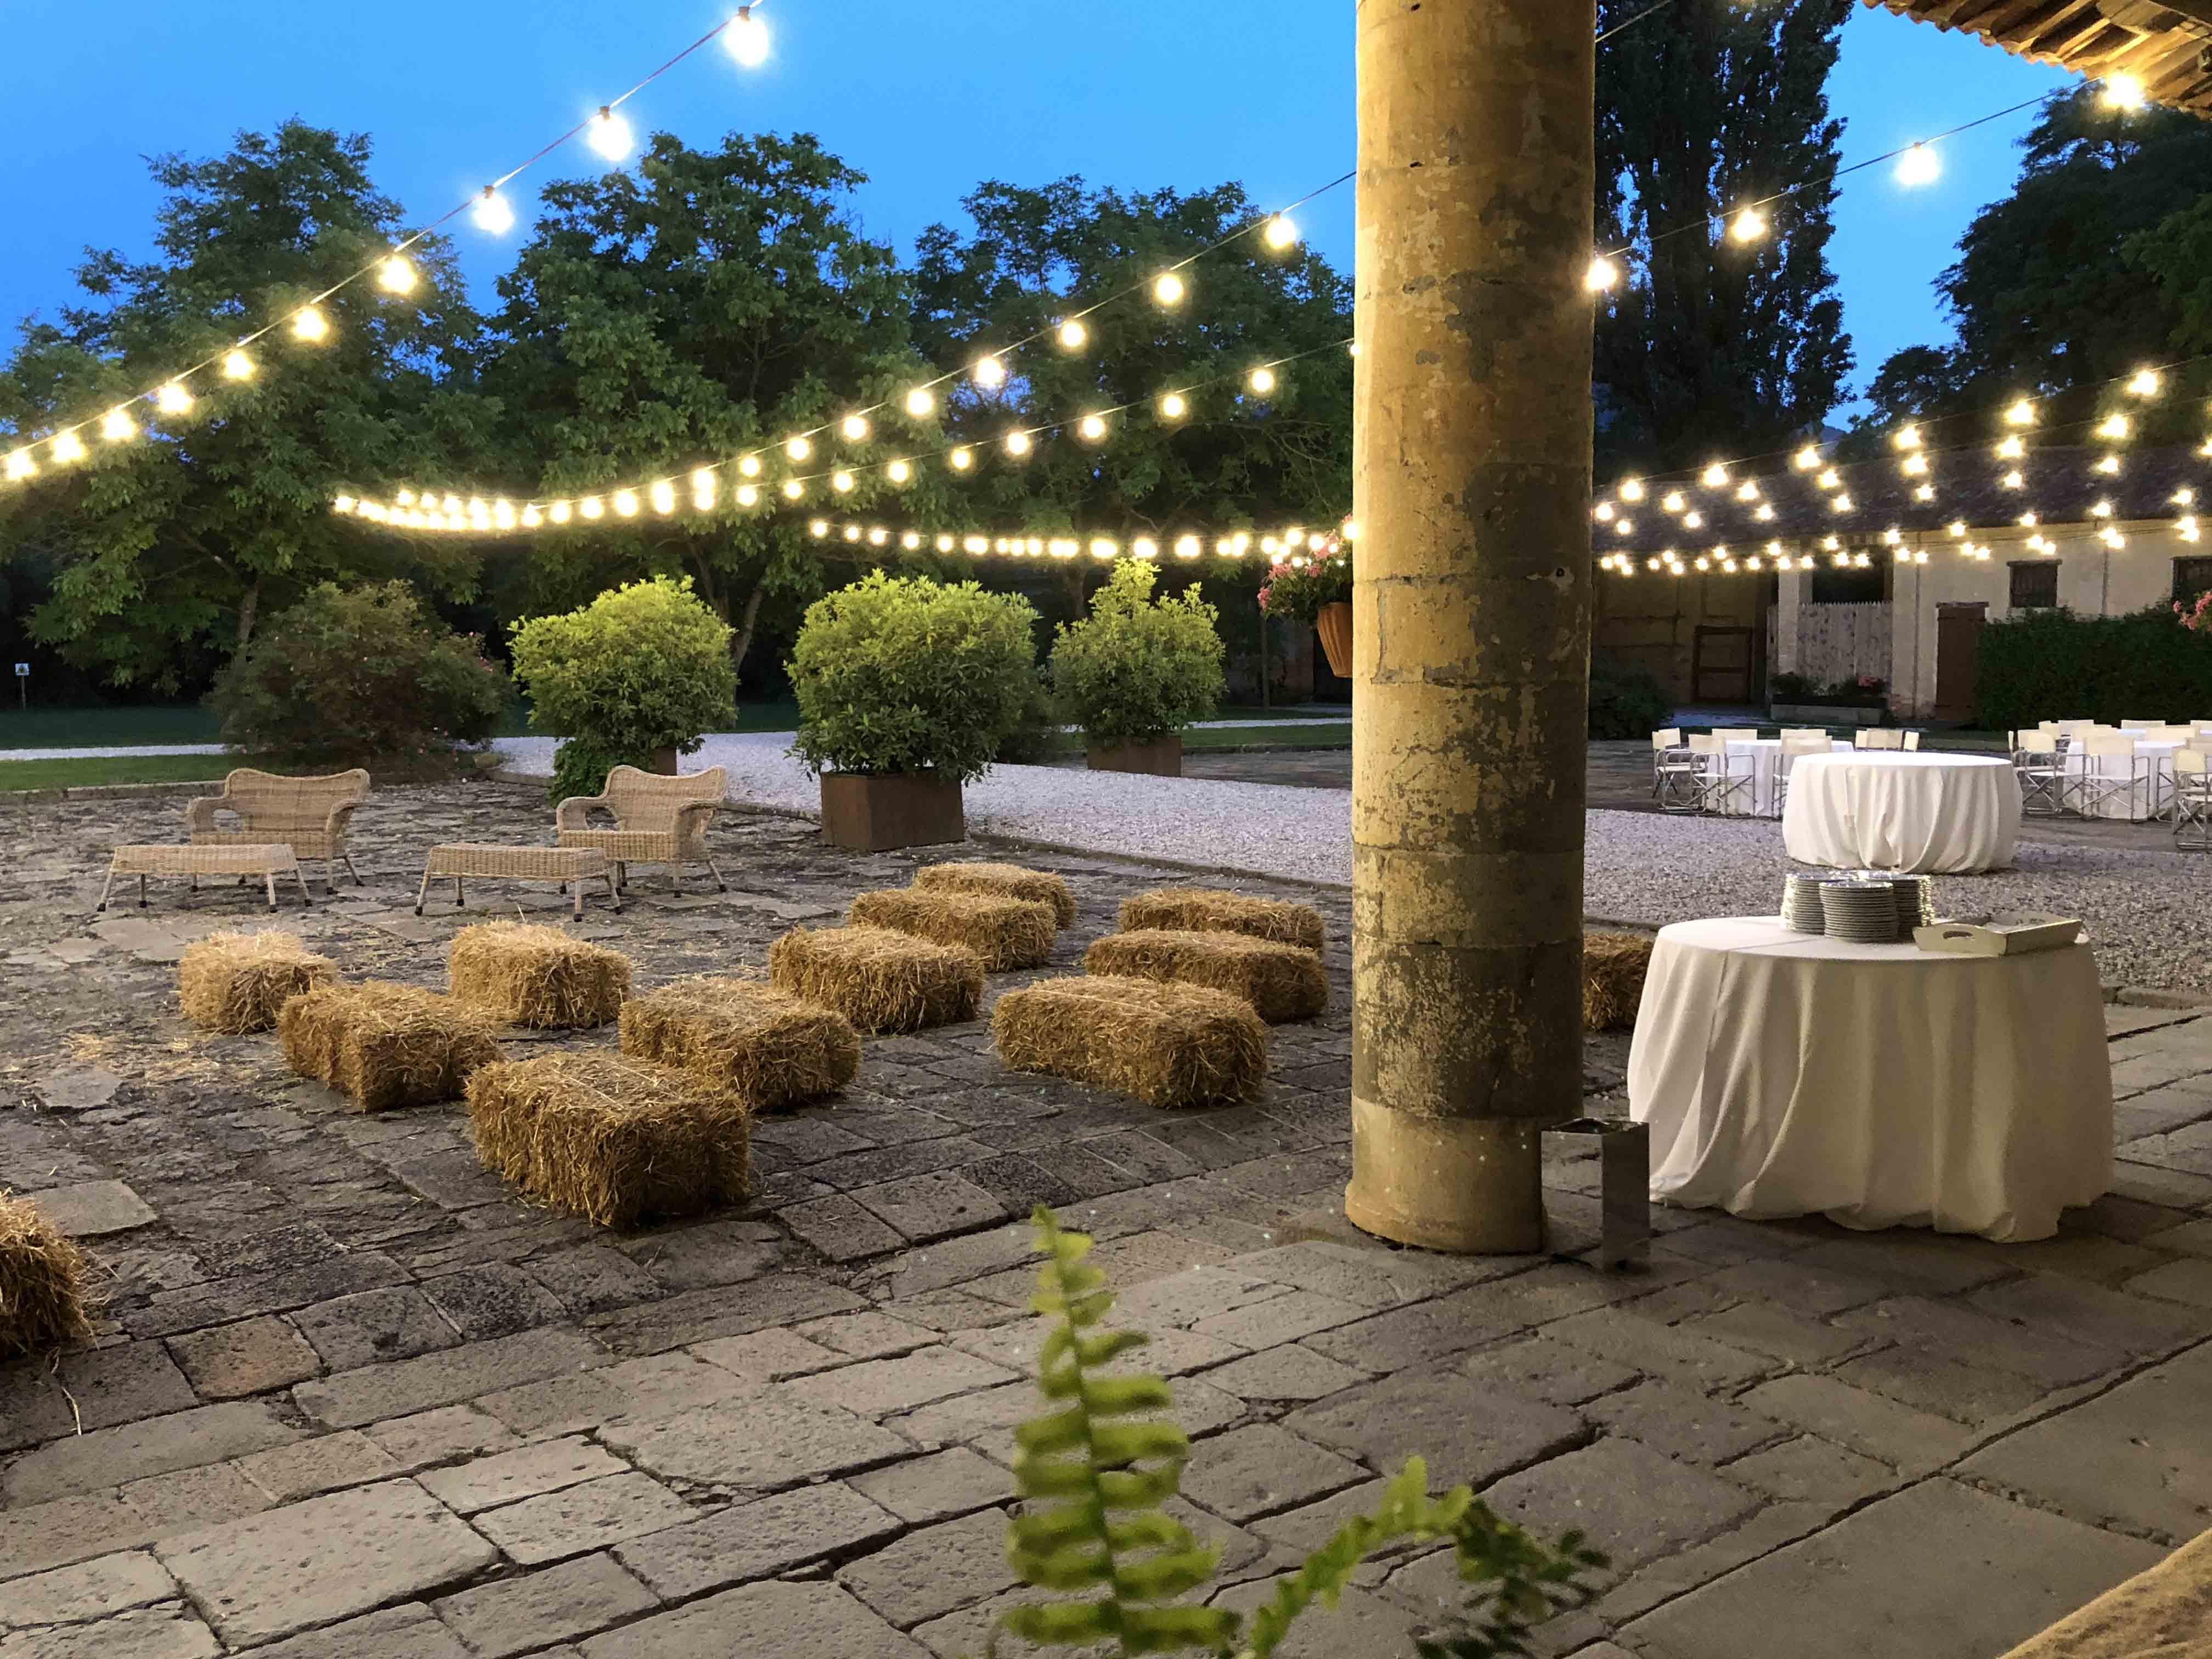 Illuminazione matrimonio luci per eventi e atmosfera romantica